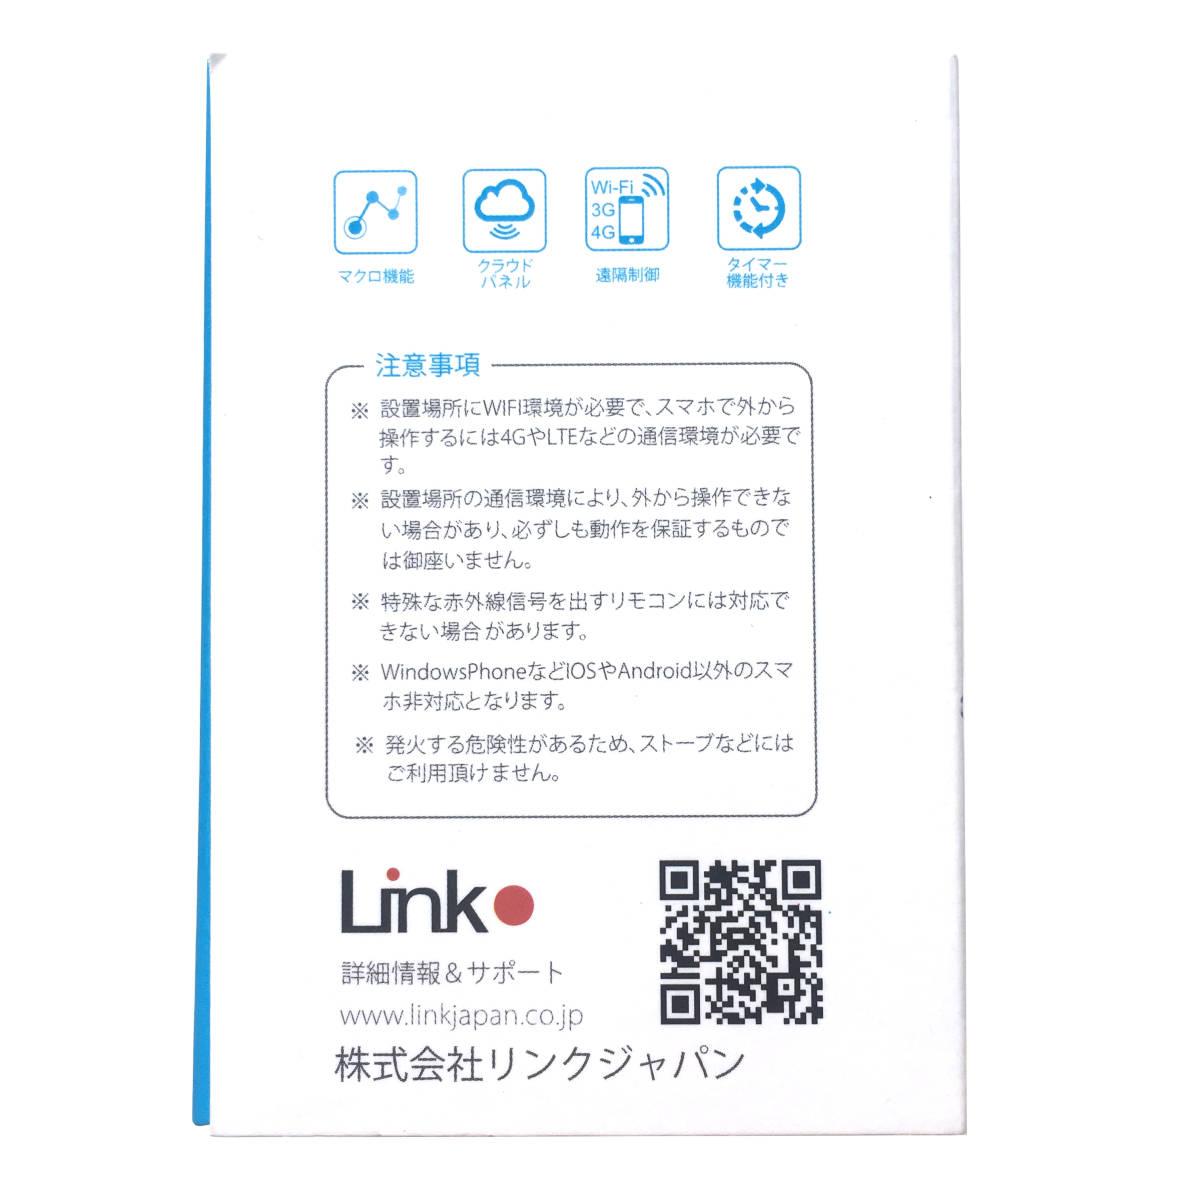 【新品・未開封・送料無料】LinkJapan eRemote mini IoTリモコン IFTTT対応【Works with Alexa認定製品】_画像5